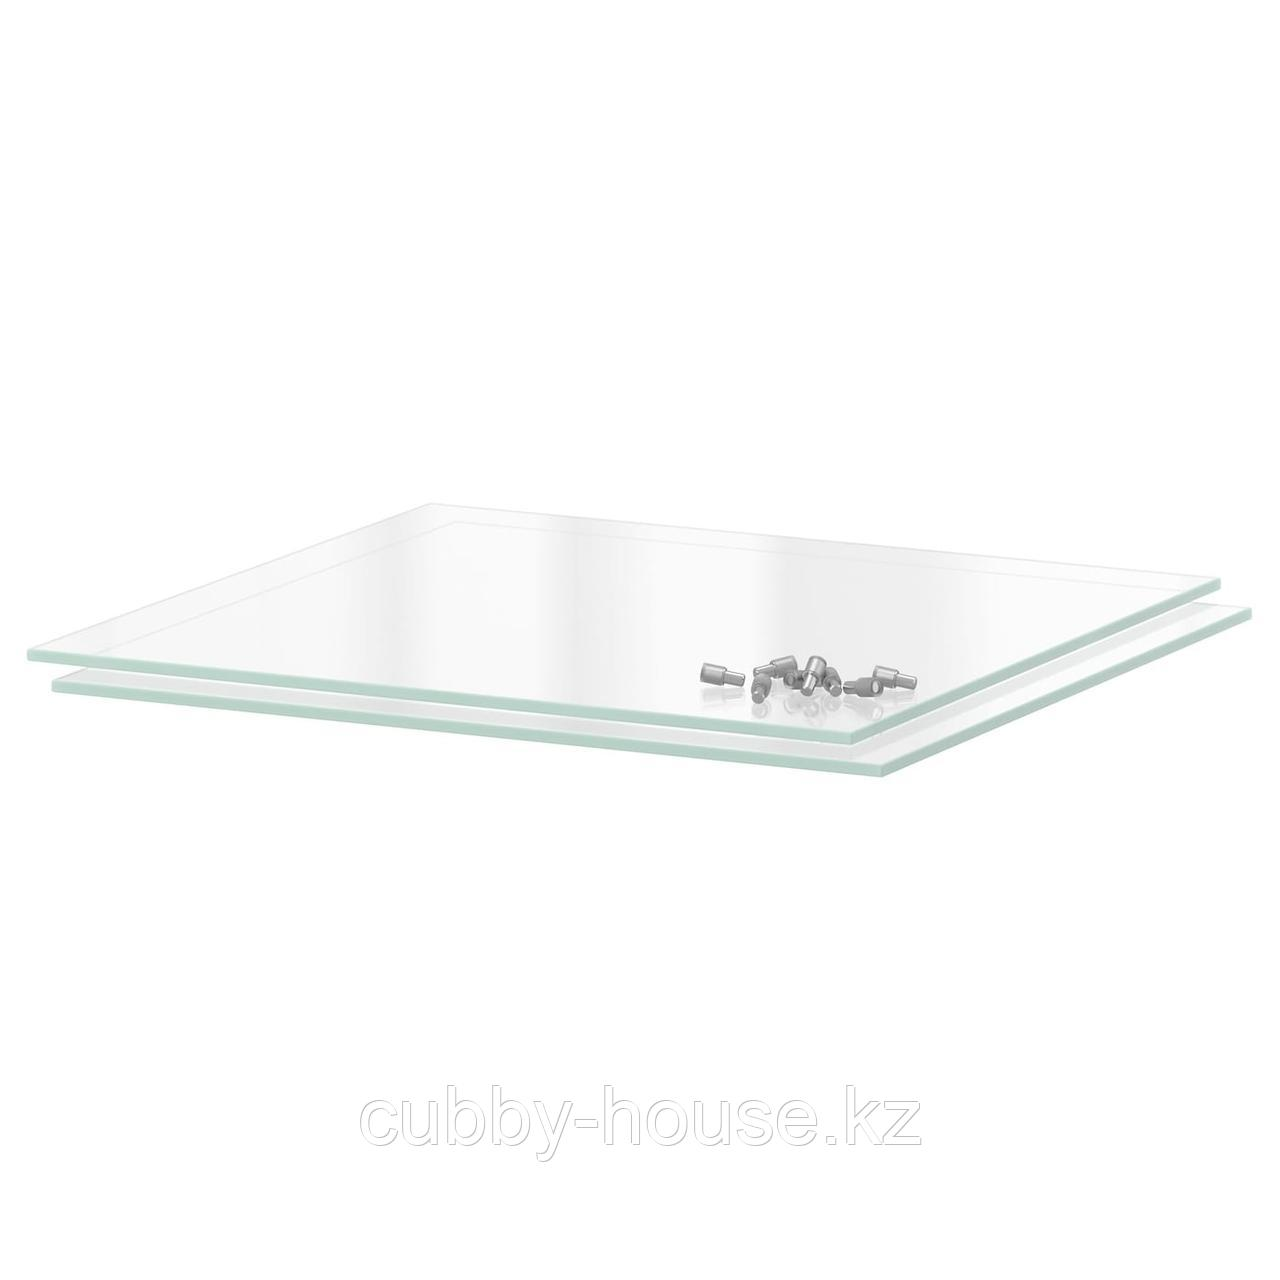 УТРУСТА Полка, стекло, 30x37 см